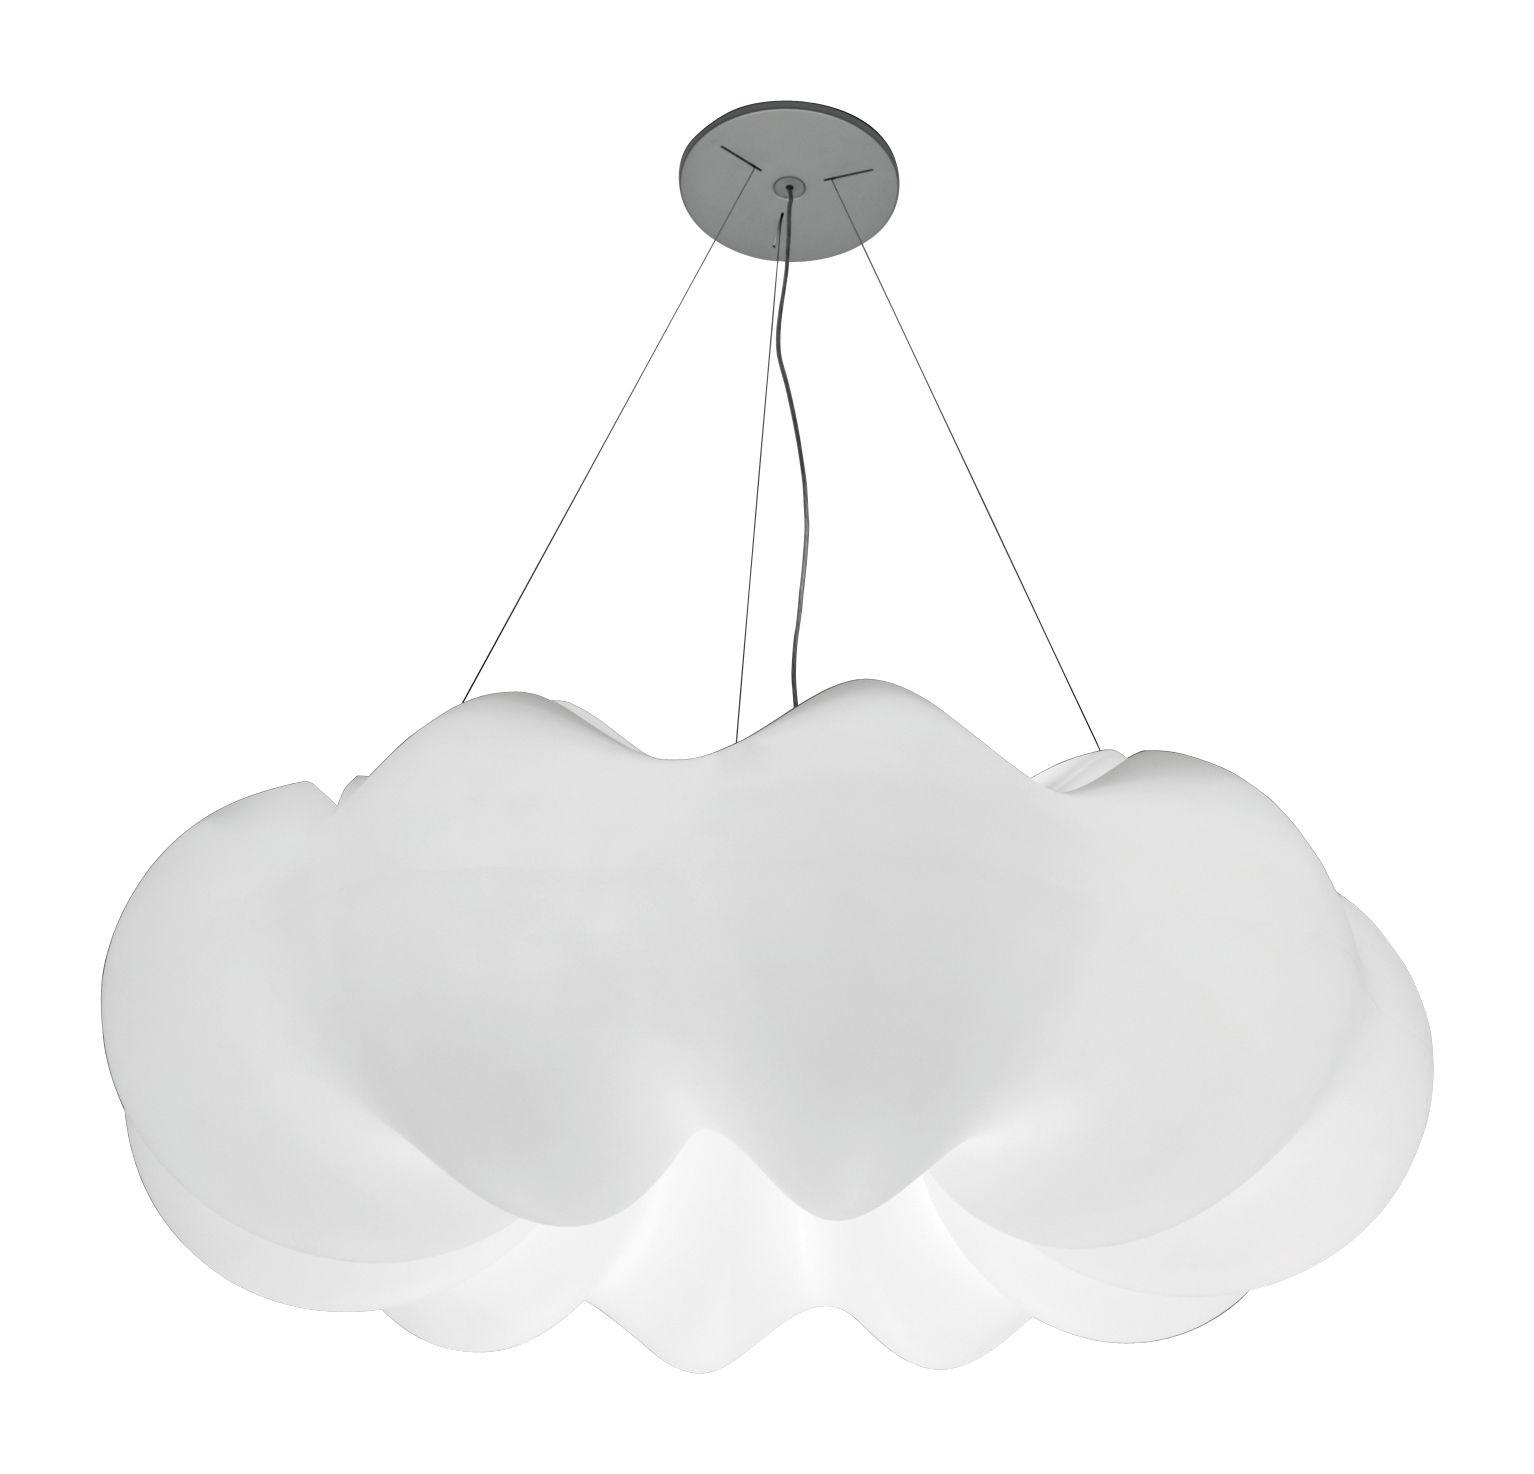 Leuchten - Pendelleuchten - Nuboli Pendelleuchte Ø 153 cm - Artemide - Weiß - rotationsgeformtes Polyäthylen